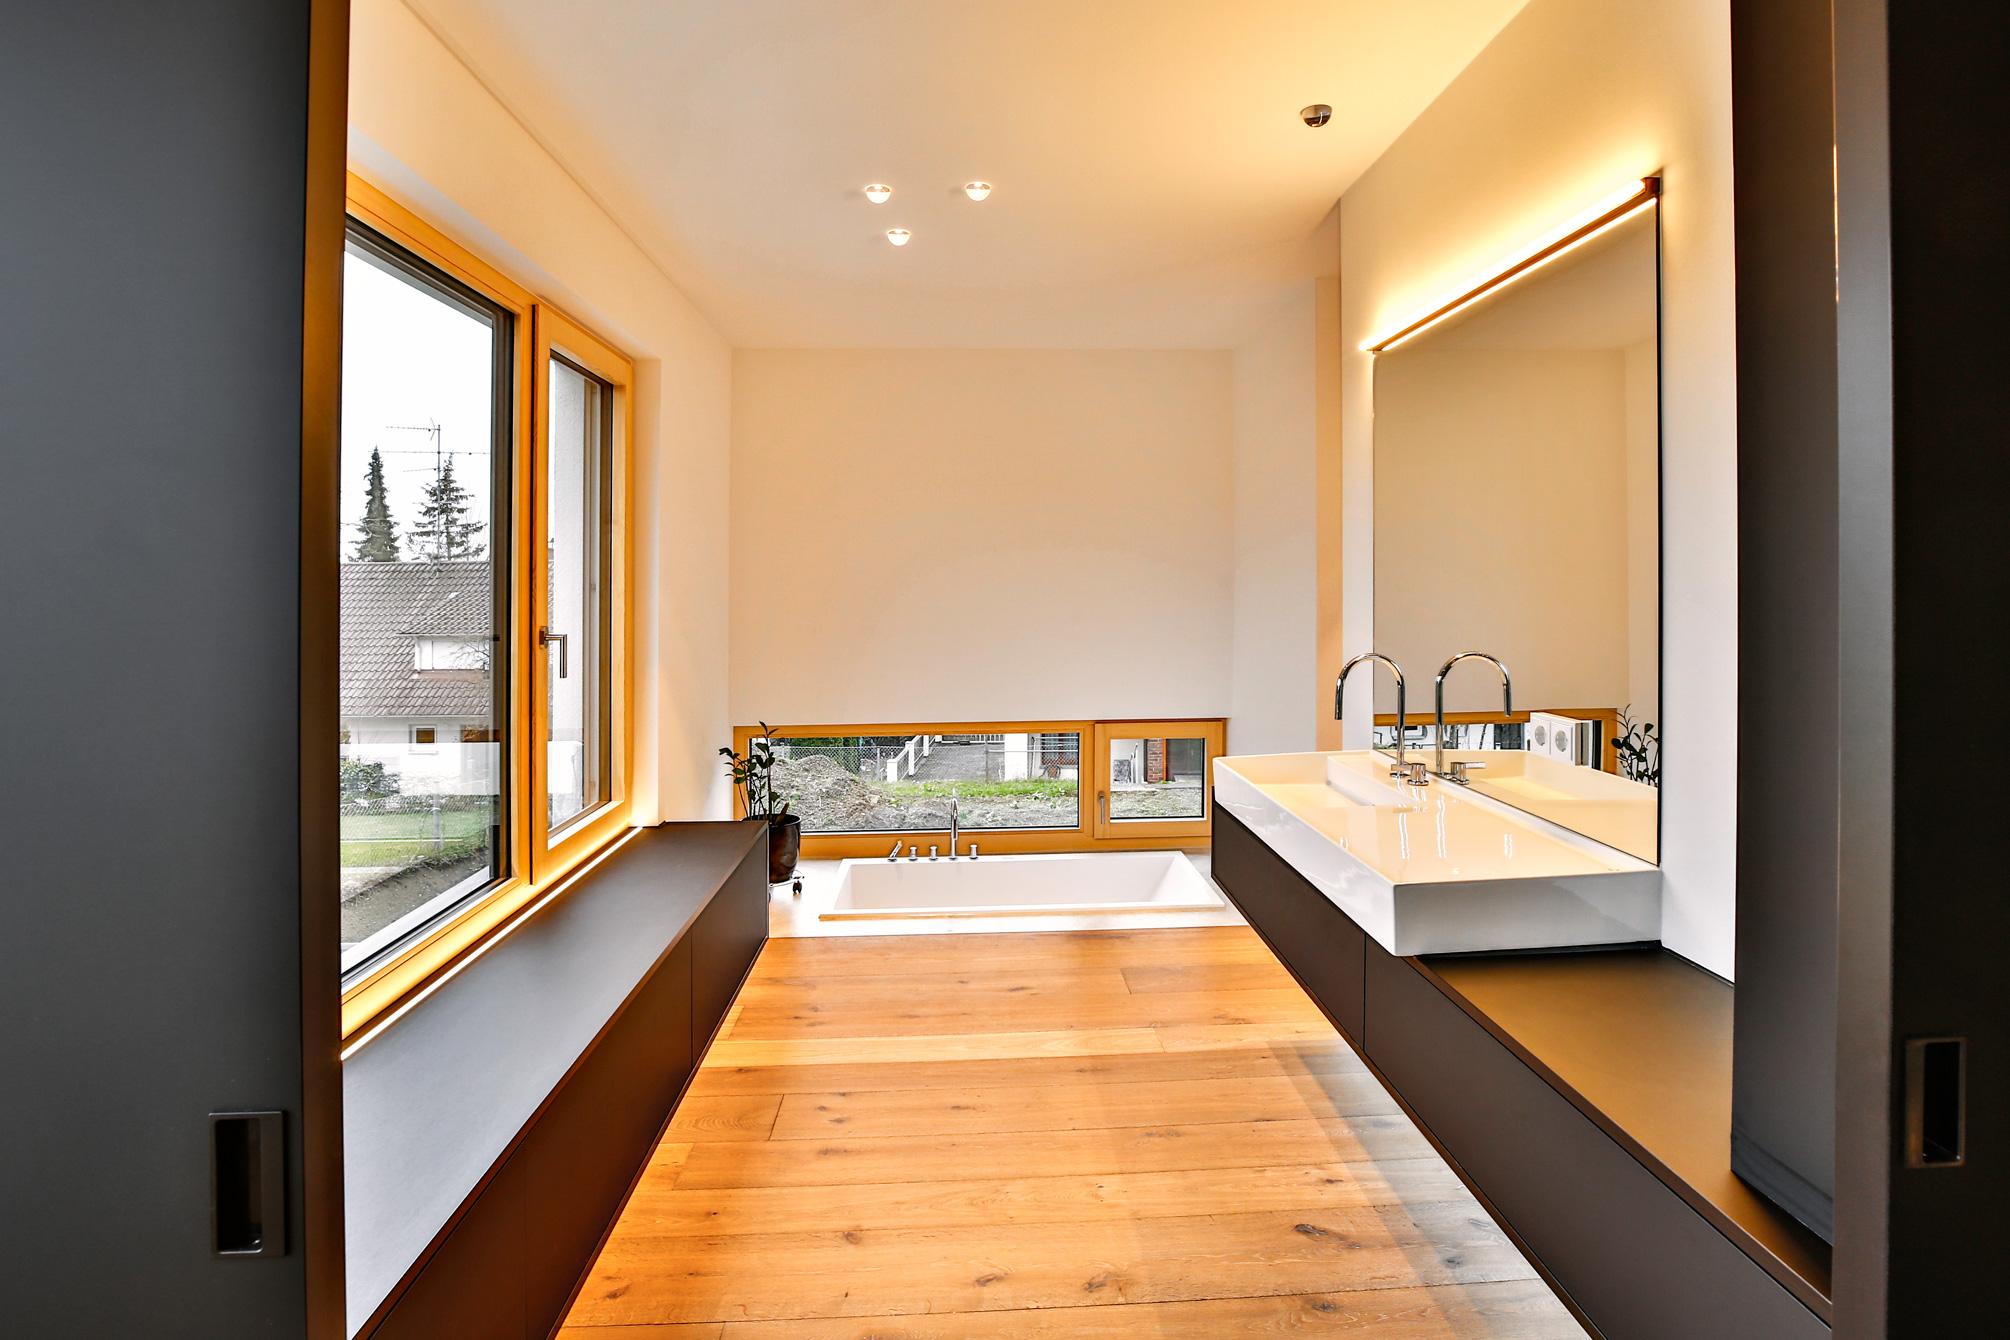 Badinnenausbau von Ihr Schreiner Thaler